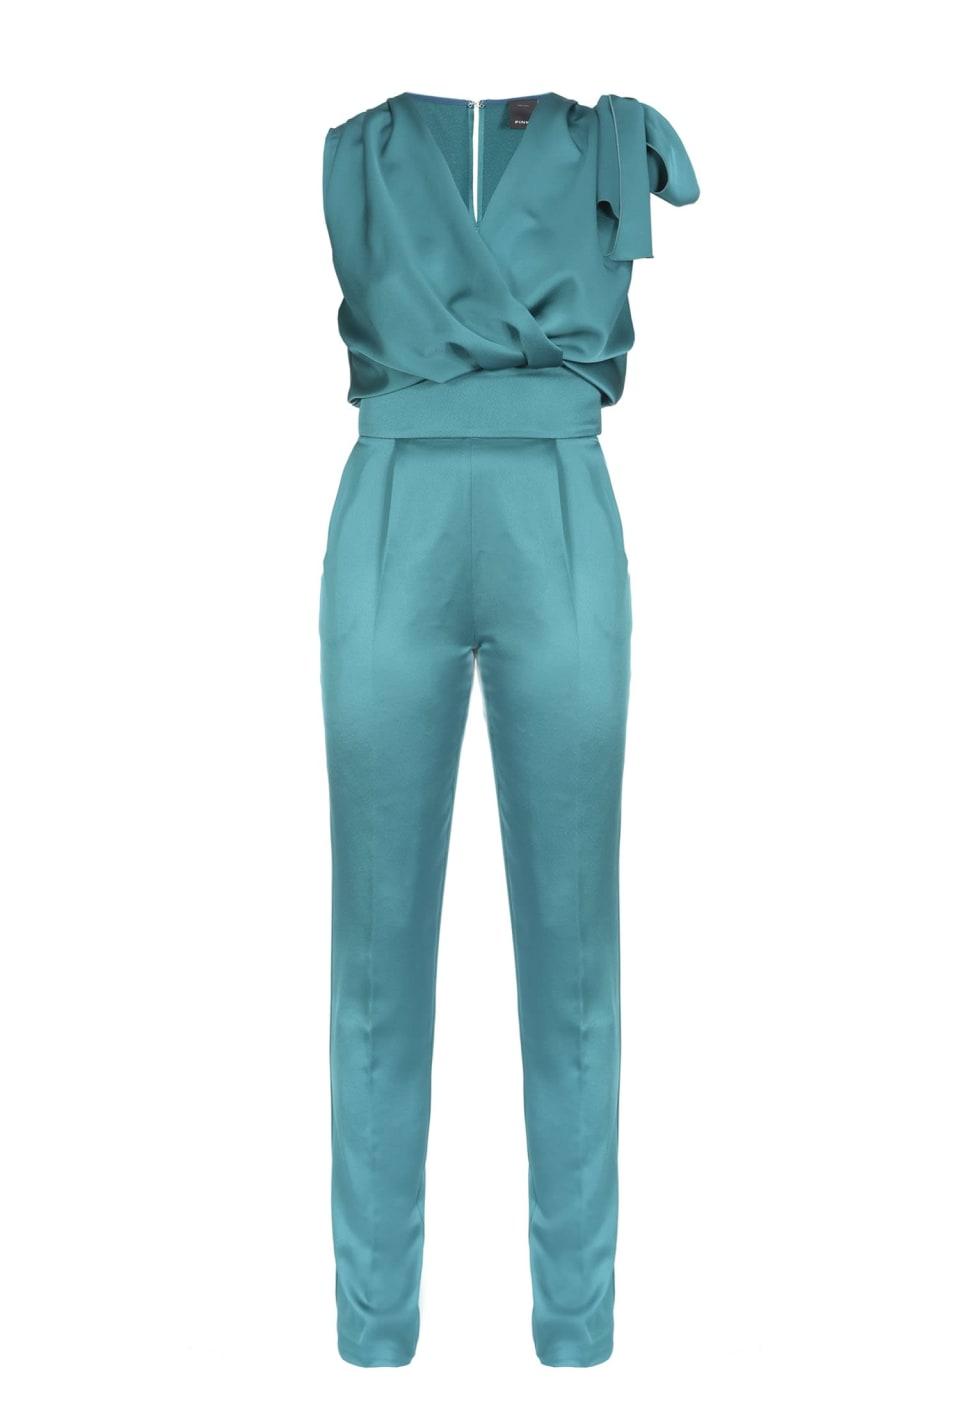 リボン付きジャンプスーツ